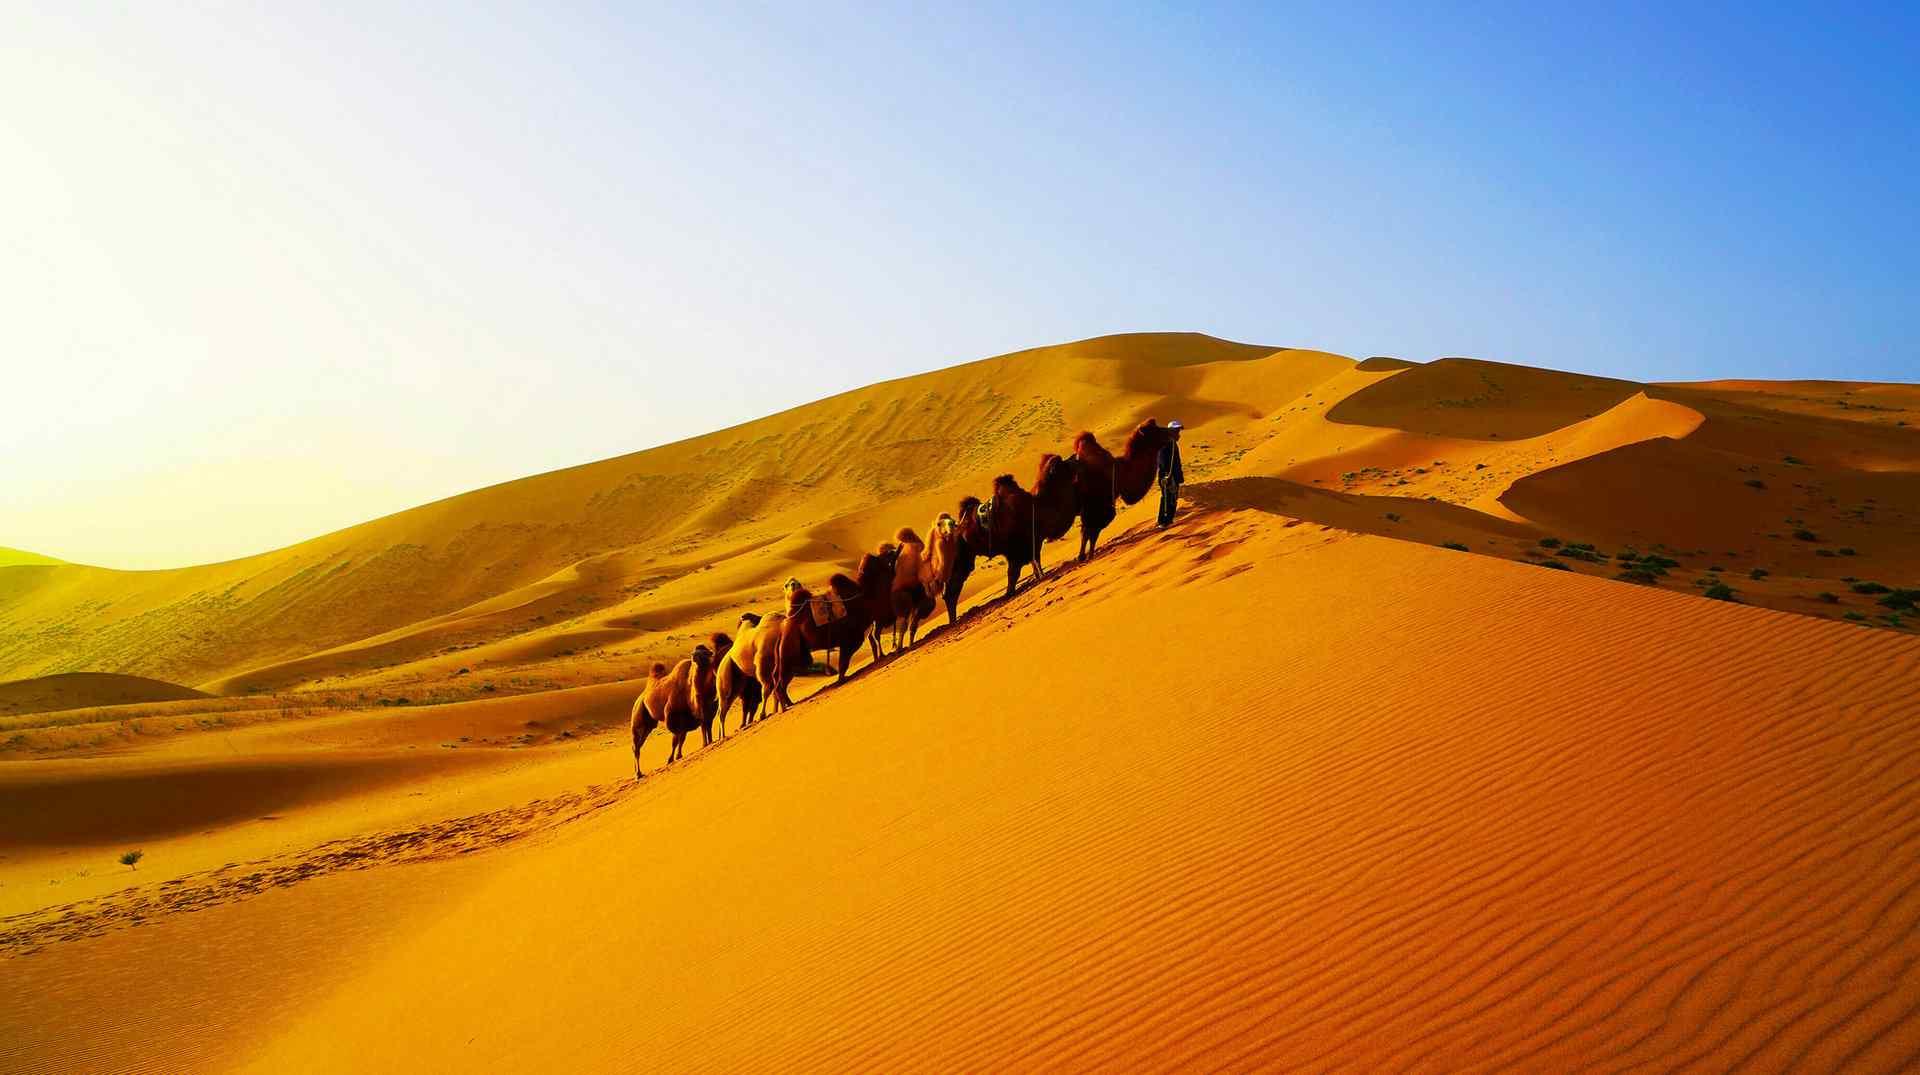 巴丹吉林沙漠风景图片桌面壁纸